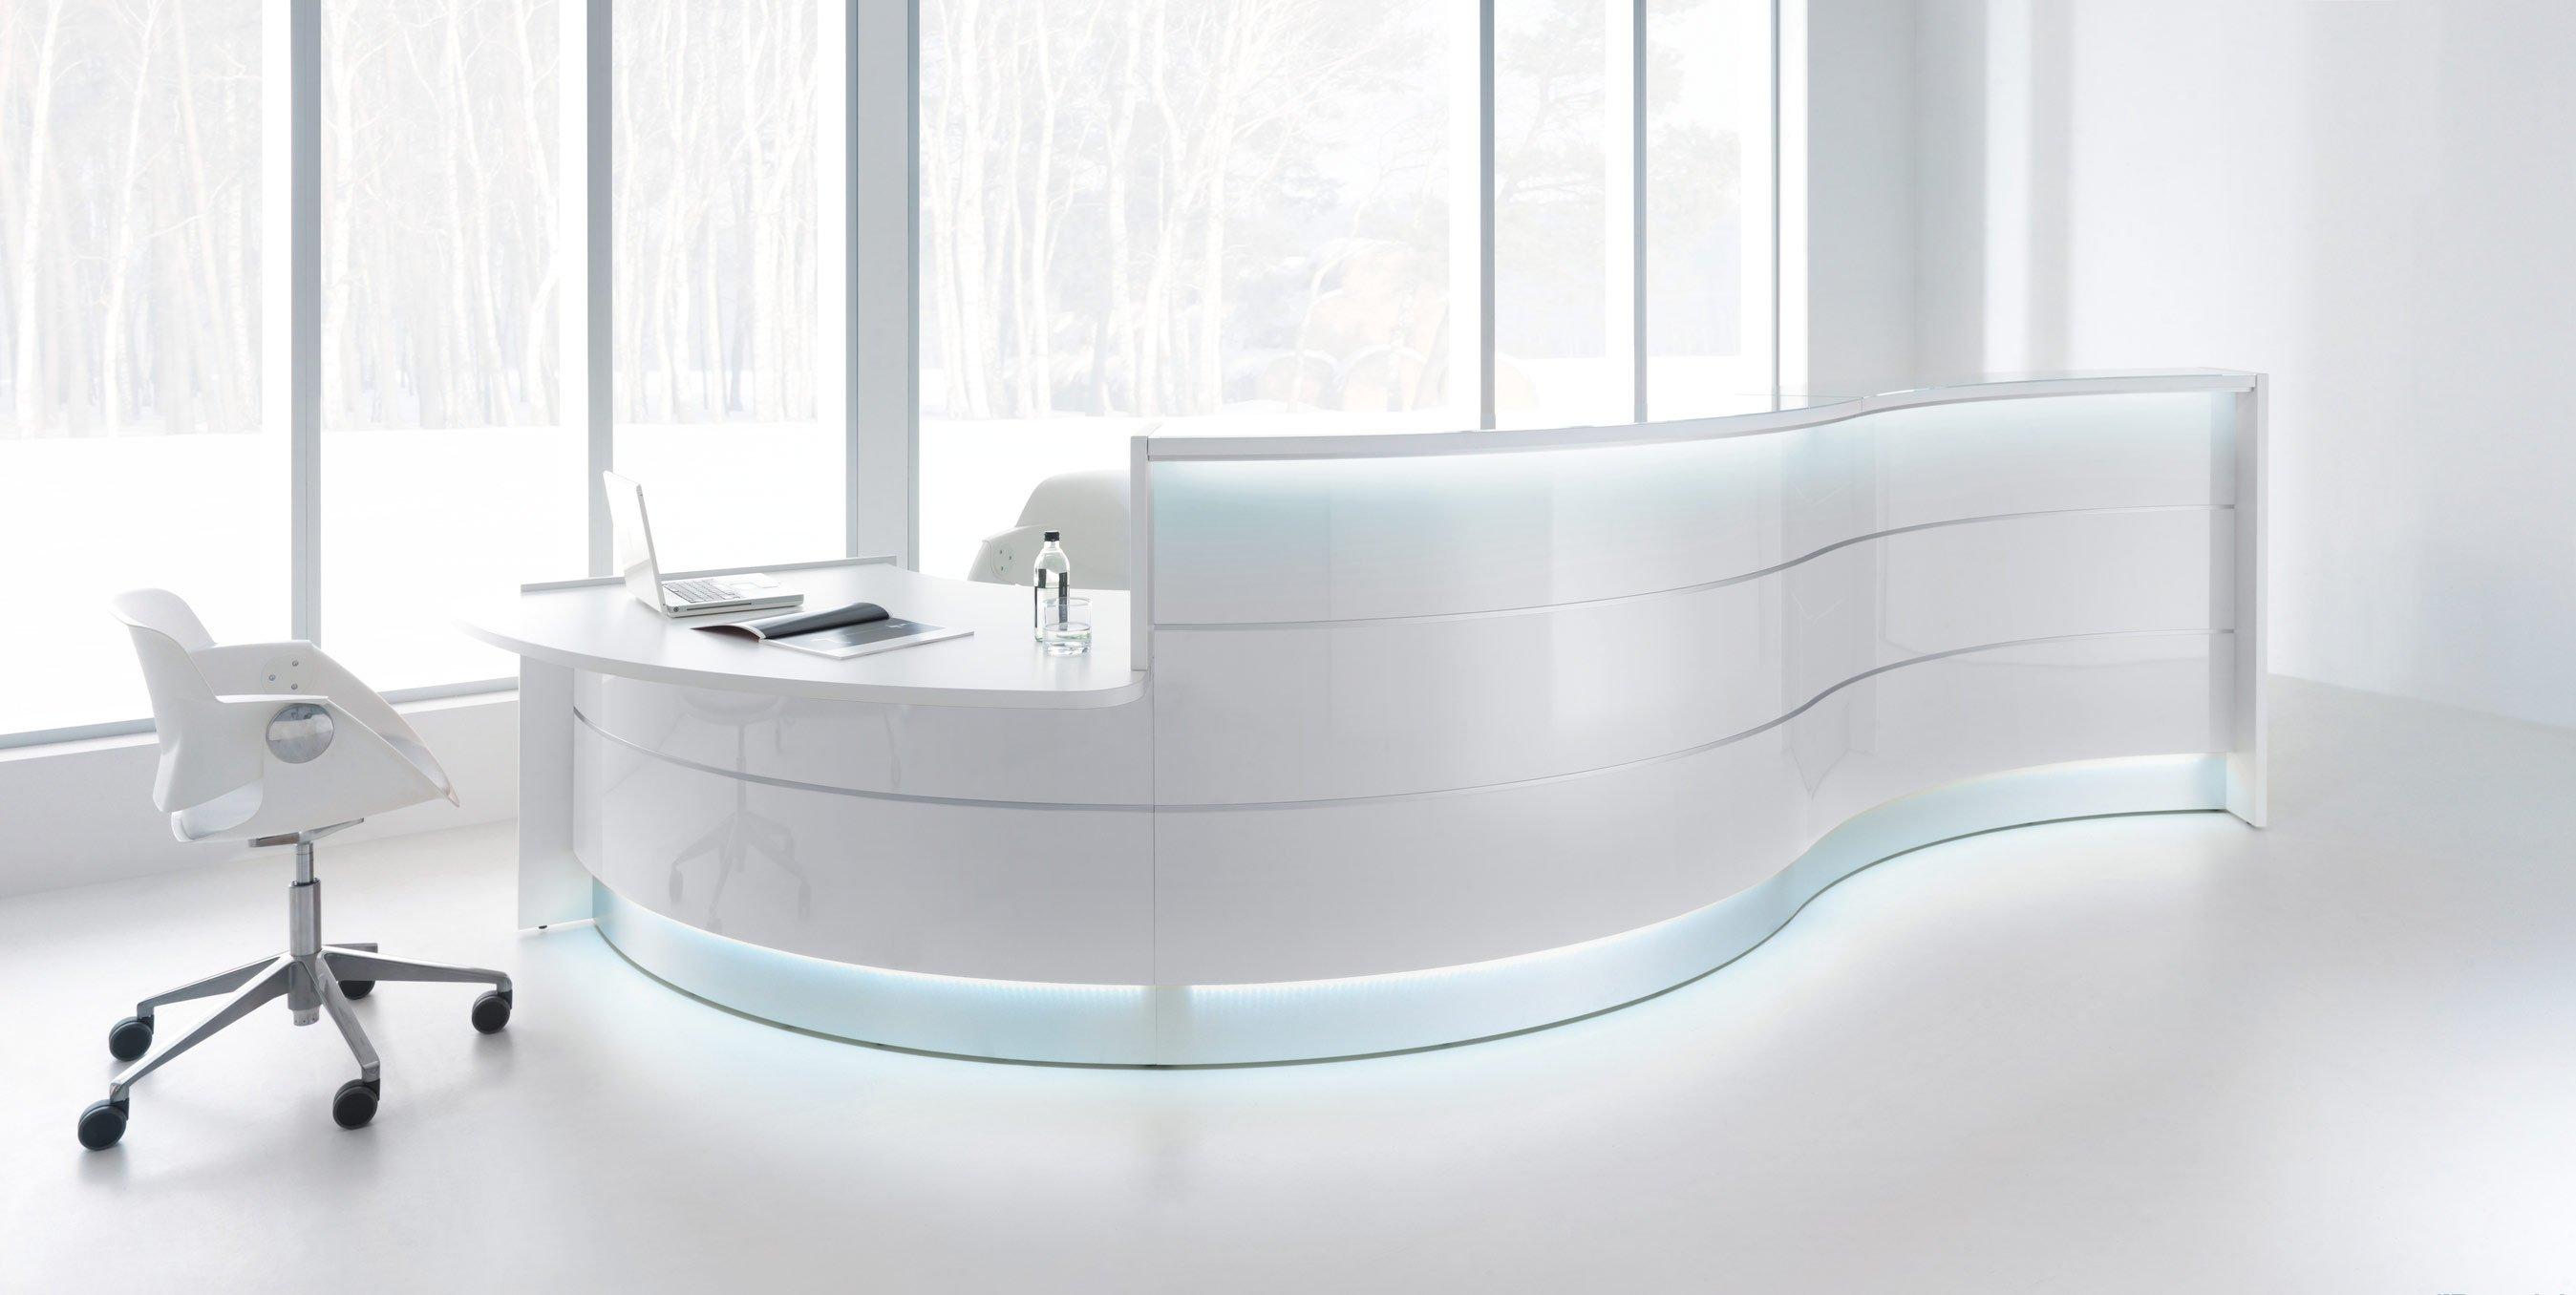 b ro empfangstheken mit hochglanzfront led beleuchtung deutschland schweiz sterreich. Black Bedroom Furniture Sets. Home Design Ideas